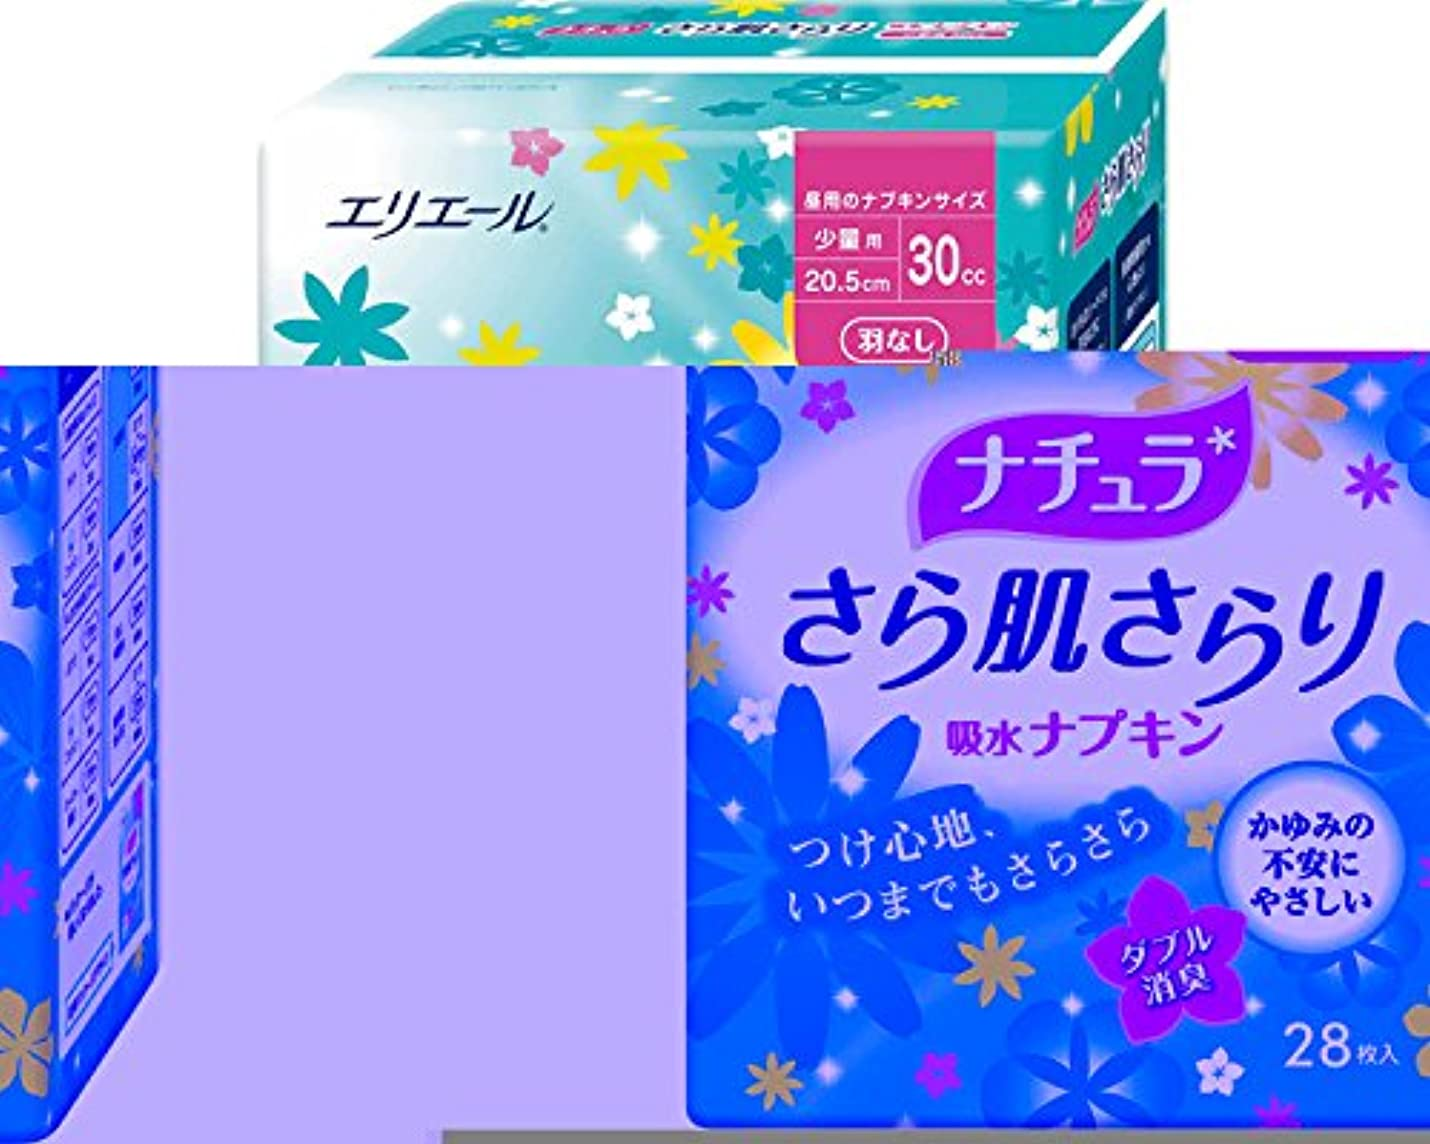 符号松ベンチャーキレイキレイ薬用ハンドソープ 4L (ライオンハイジーン) (清拭小物)